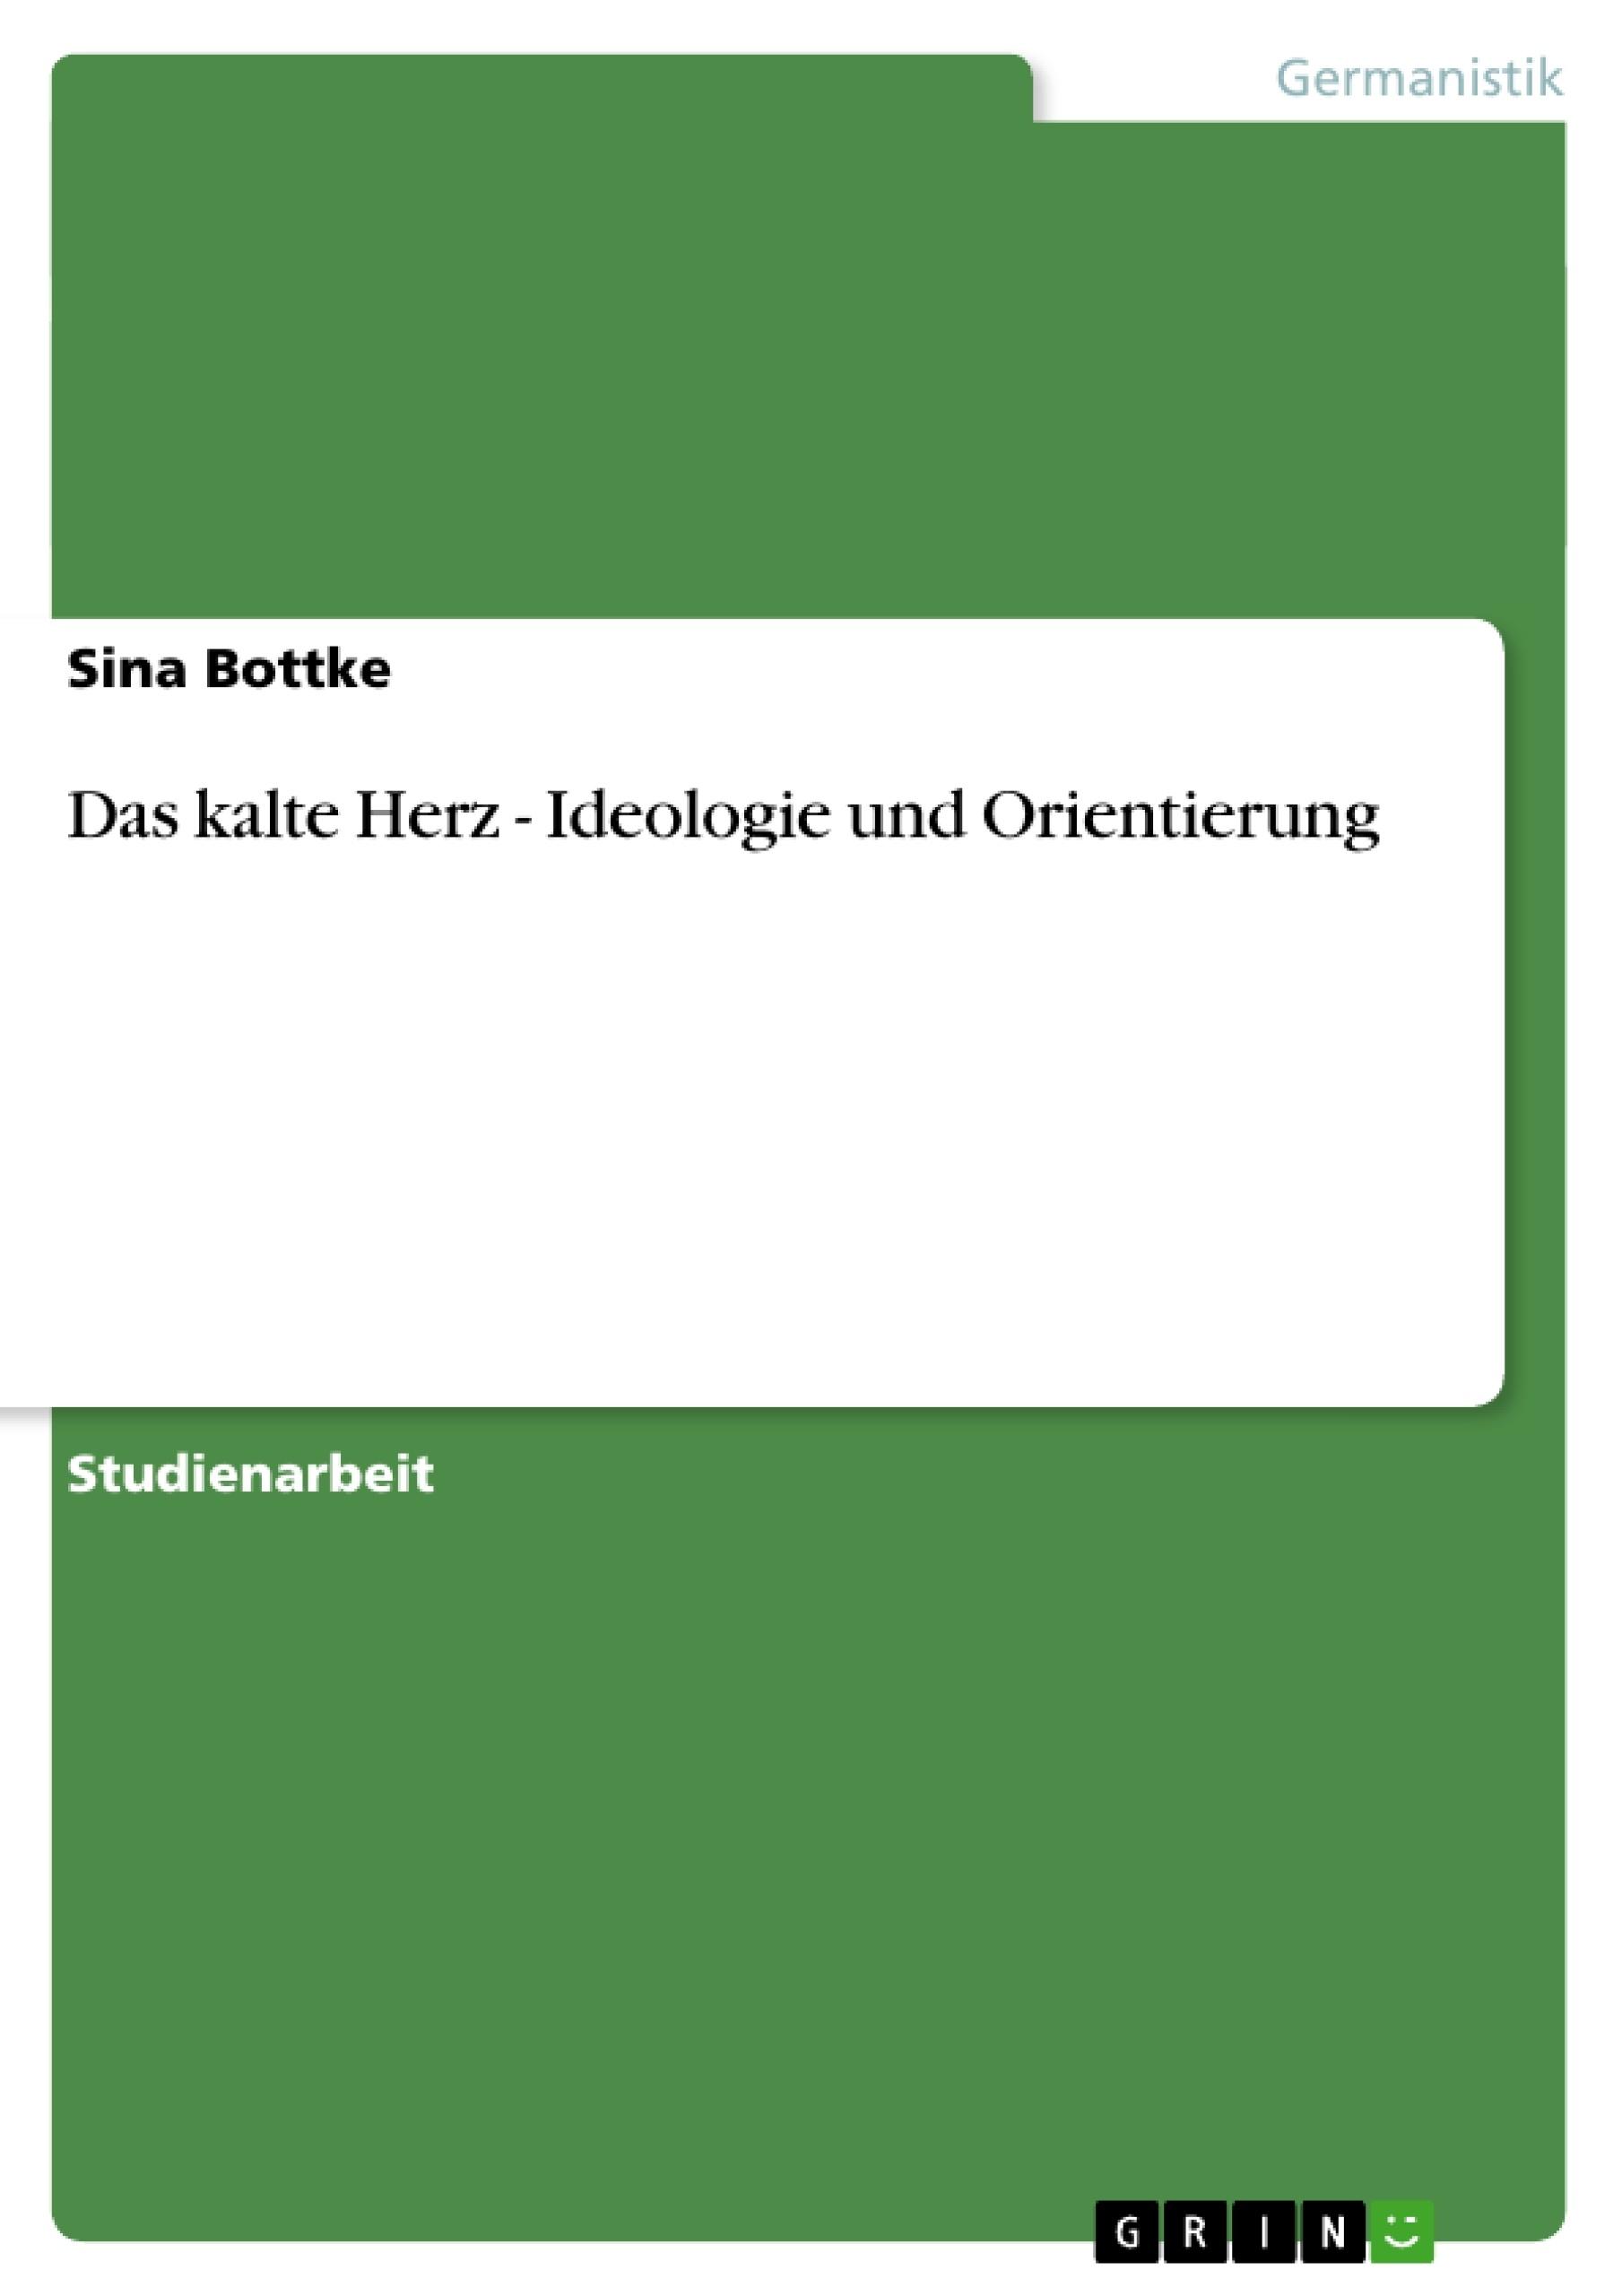 Titel: Das kalte Herz - Ideologie und Orientierung